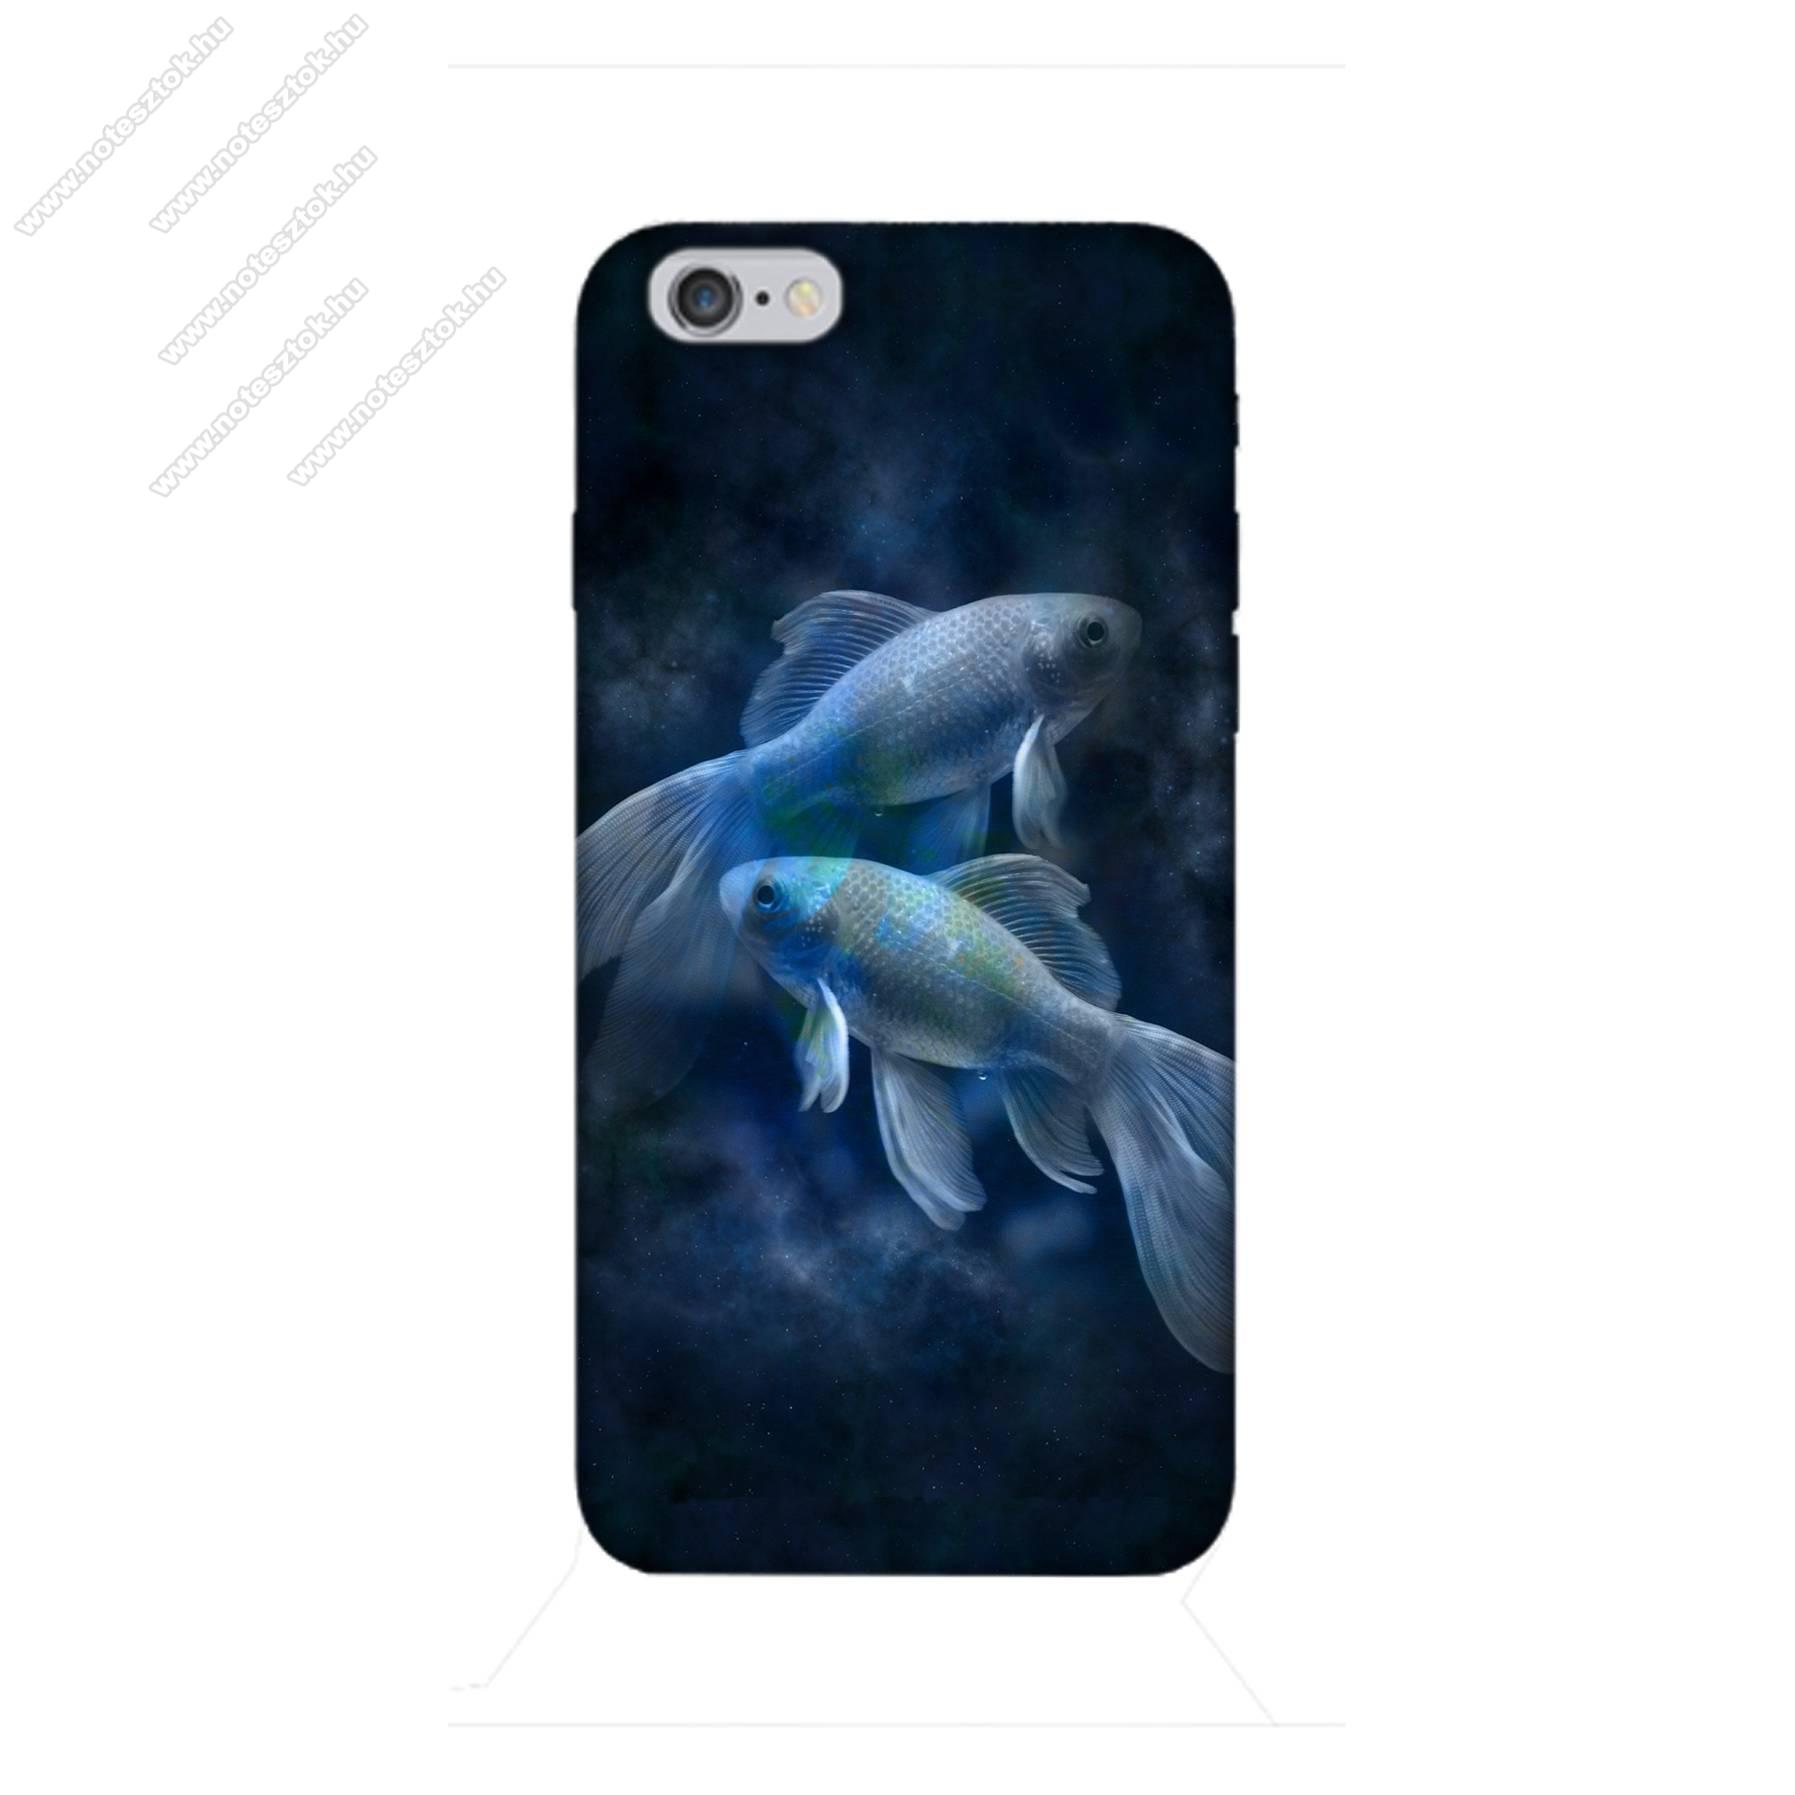 E-pic szilikon védő tok / hátlap - Horoszkóp, Halak mintás - APPLE iPhone 6 / APPLE iPhone 6s